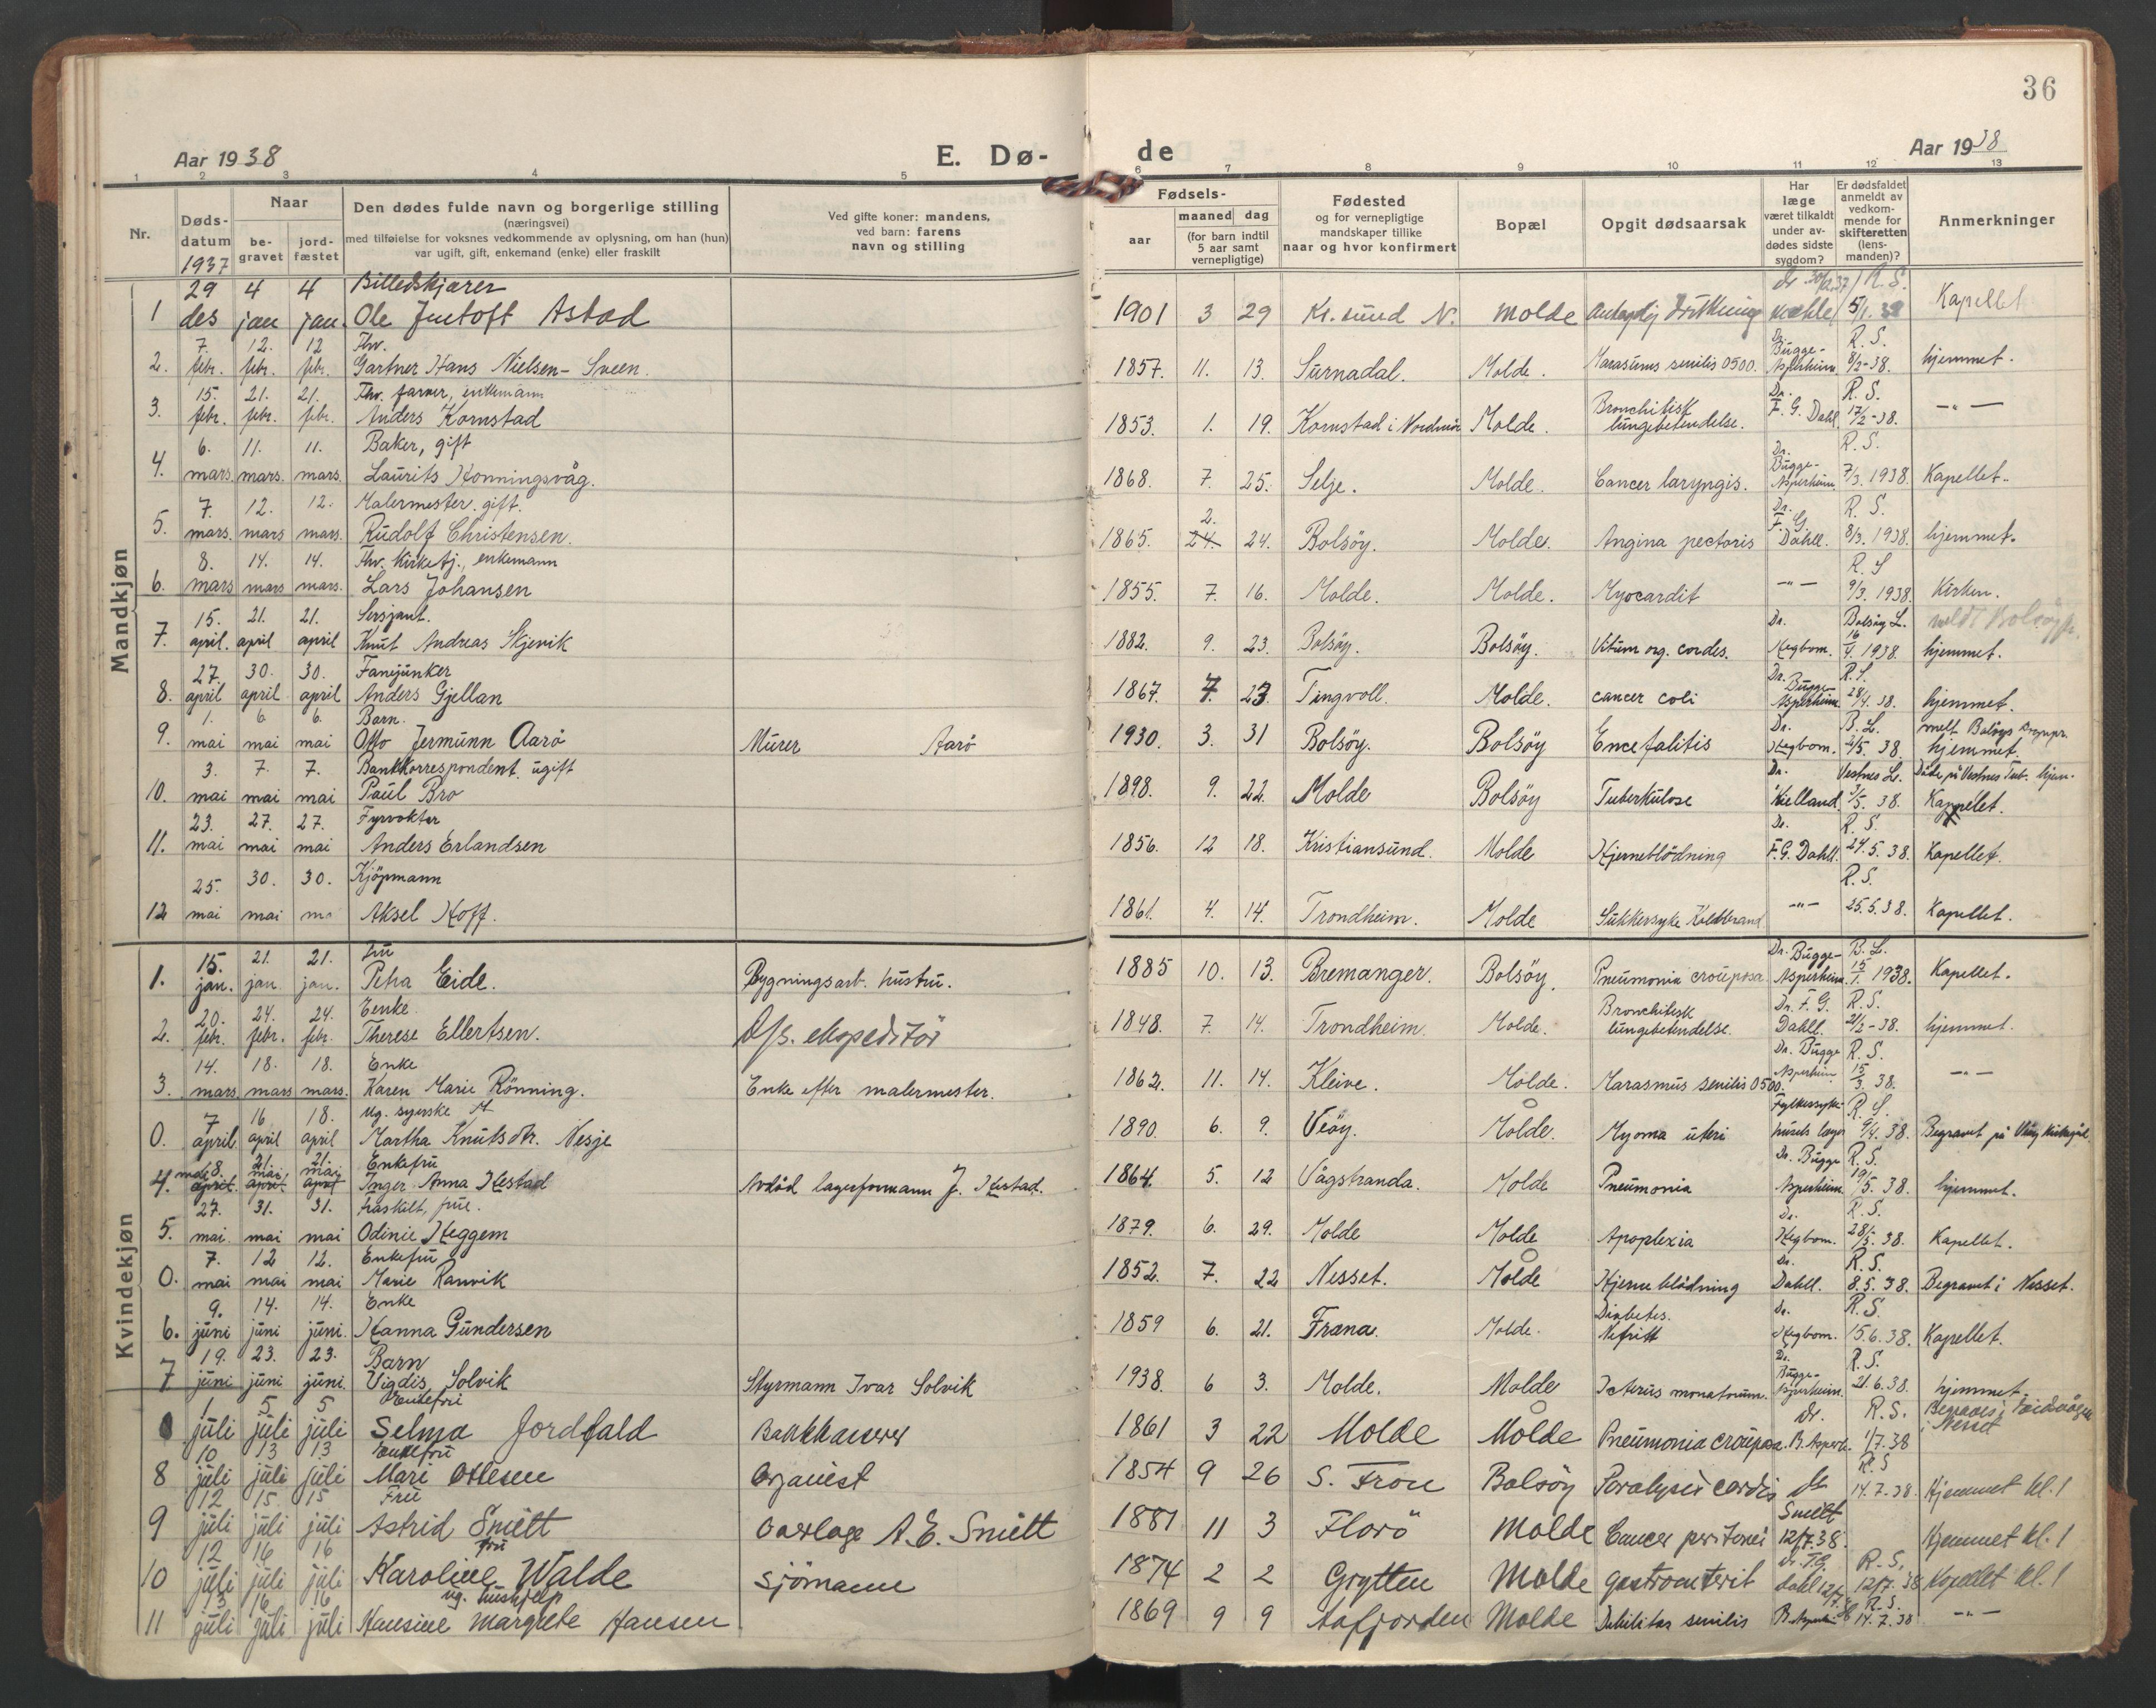 SAT, Ministerialprotokoller, klokkerbøker og fødselsregistre - Møre og Romsdal, 558/L0697: Ministerialbok nr. 558A11, 1920-1948, s. 36